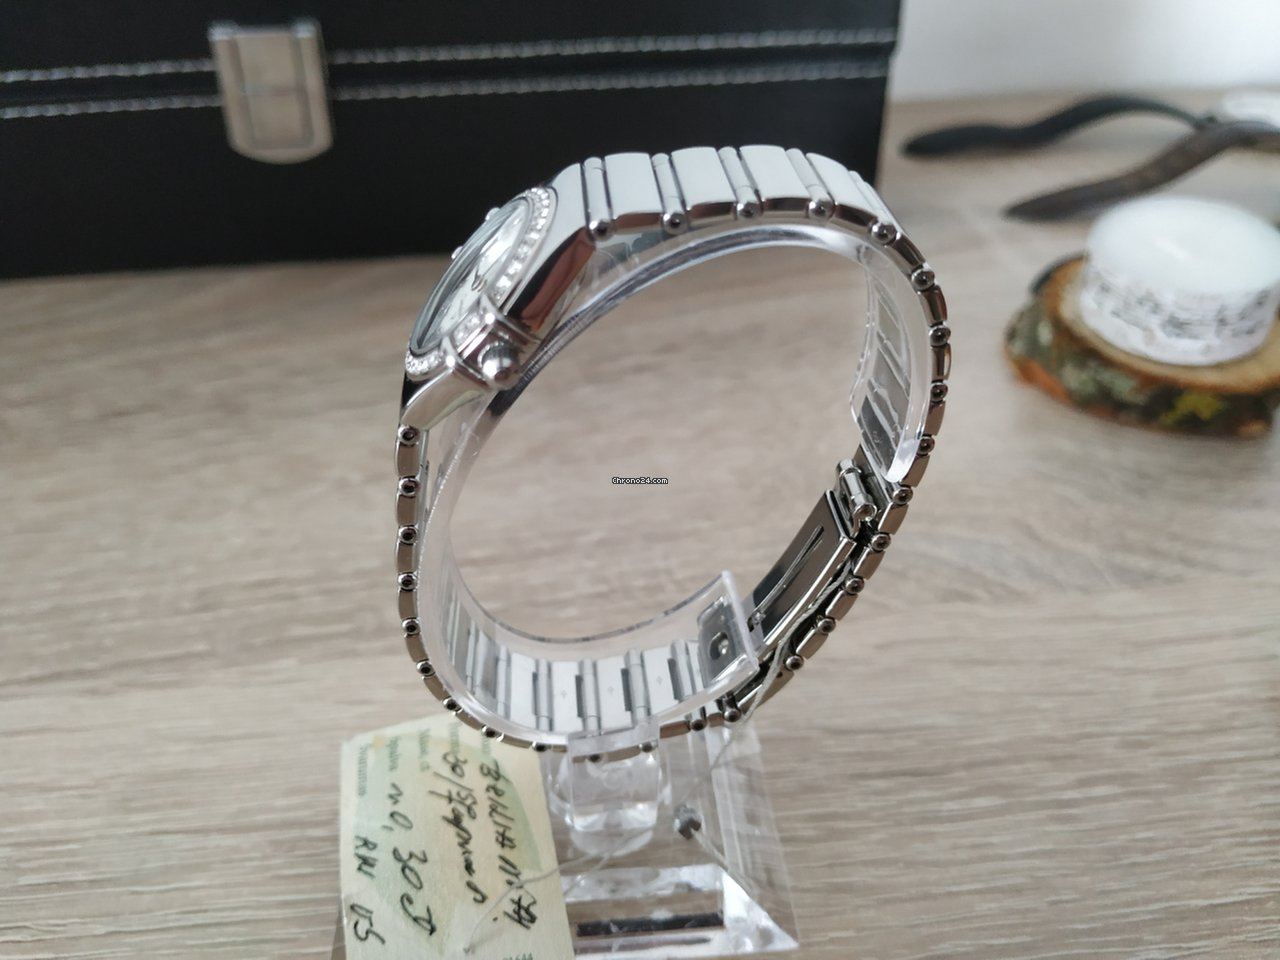 Omega Constellation Ladies My Choice 5690118 Original Diamond... za Kč 26  048 k prodeji od Soukromý prodejce na Chrono24 e18226f5f1c